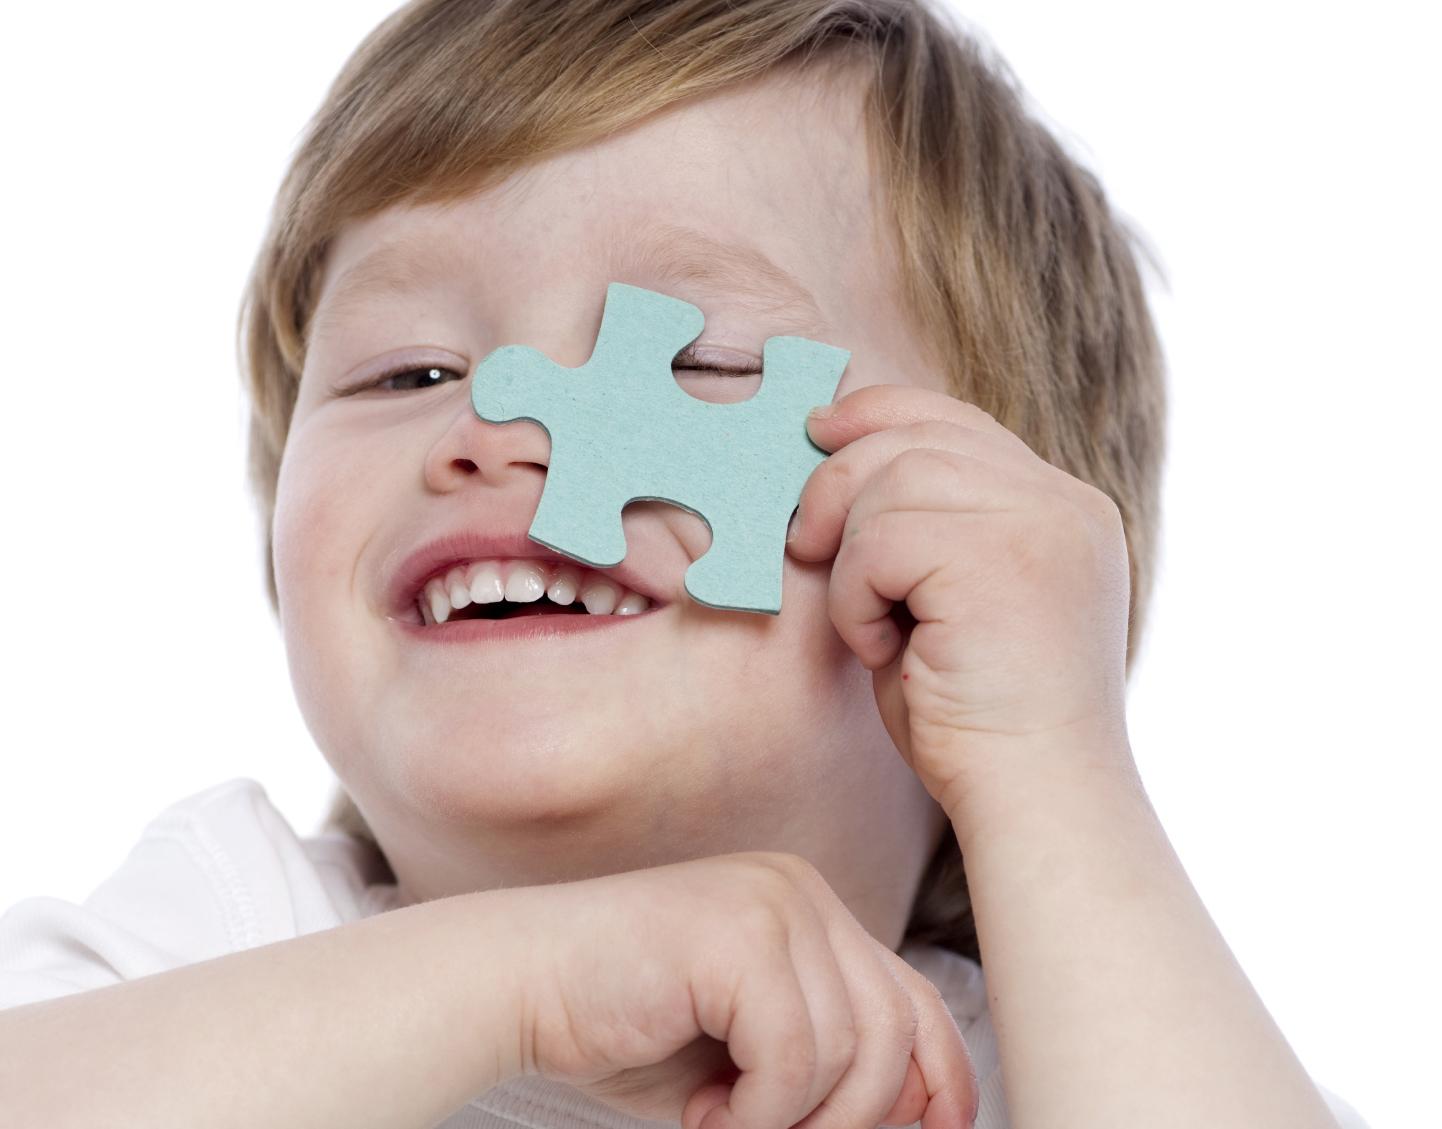 juego-mesa-puzle-ninos